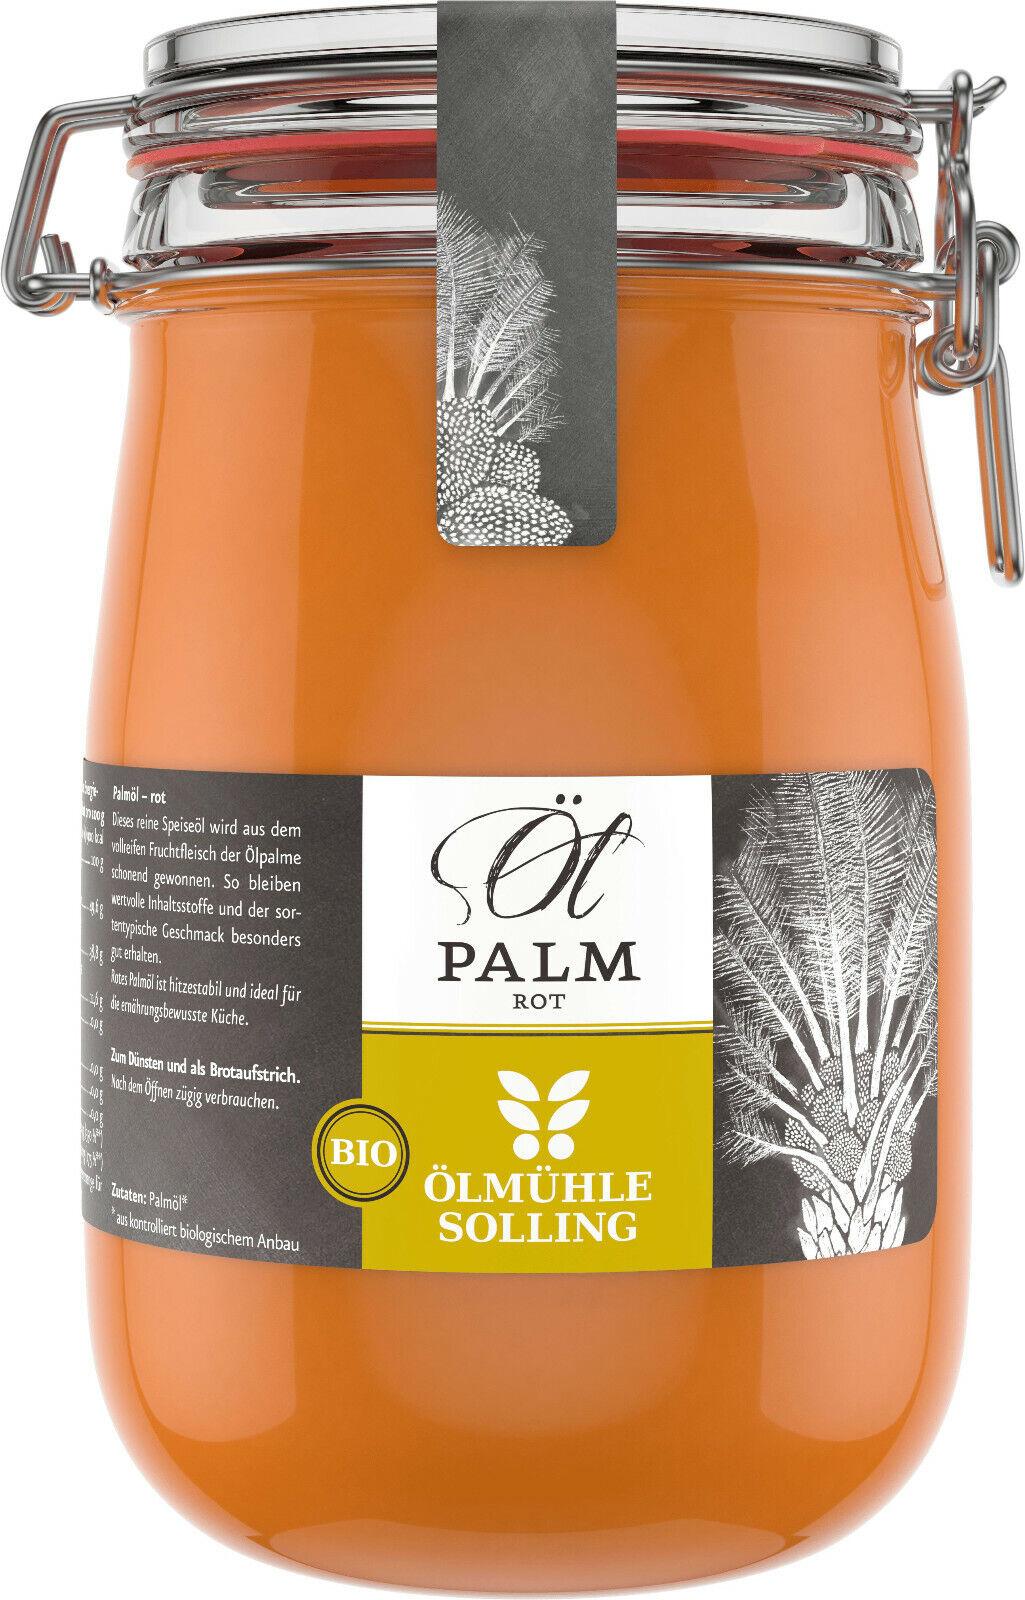 Ölmühle Solling Bio Palmöl rot nativ im Bügelglas 1000ml